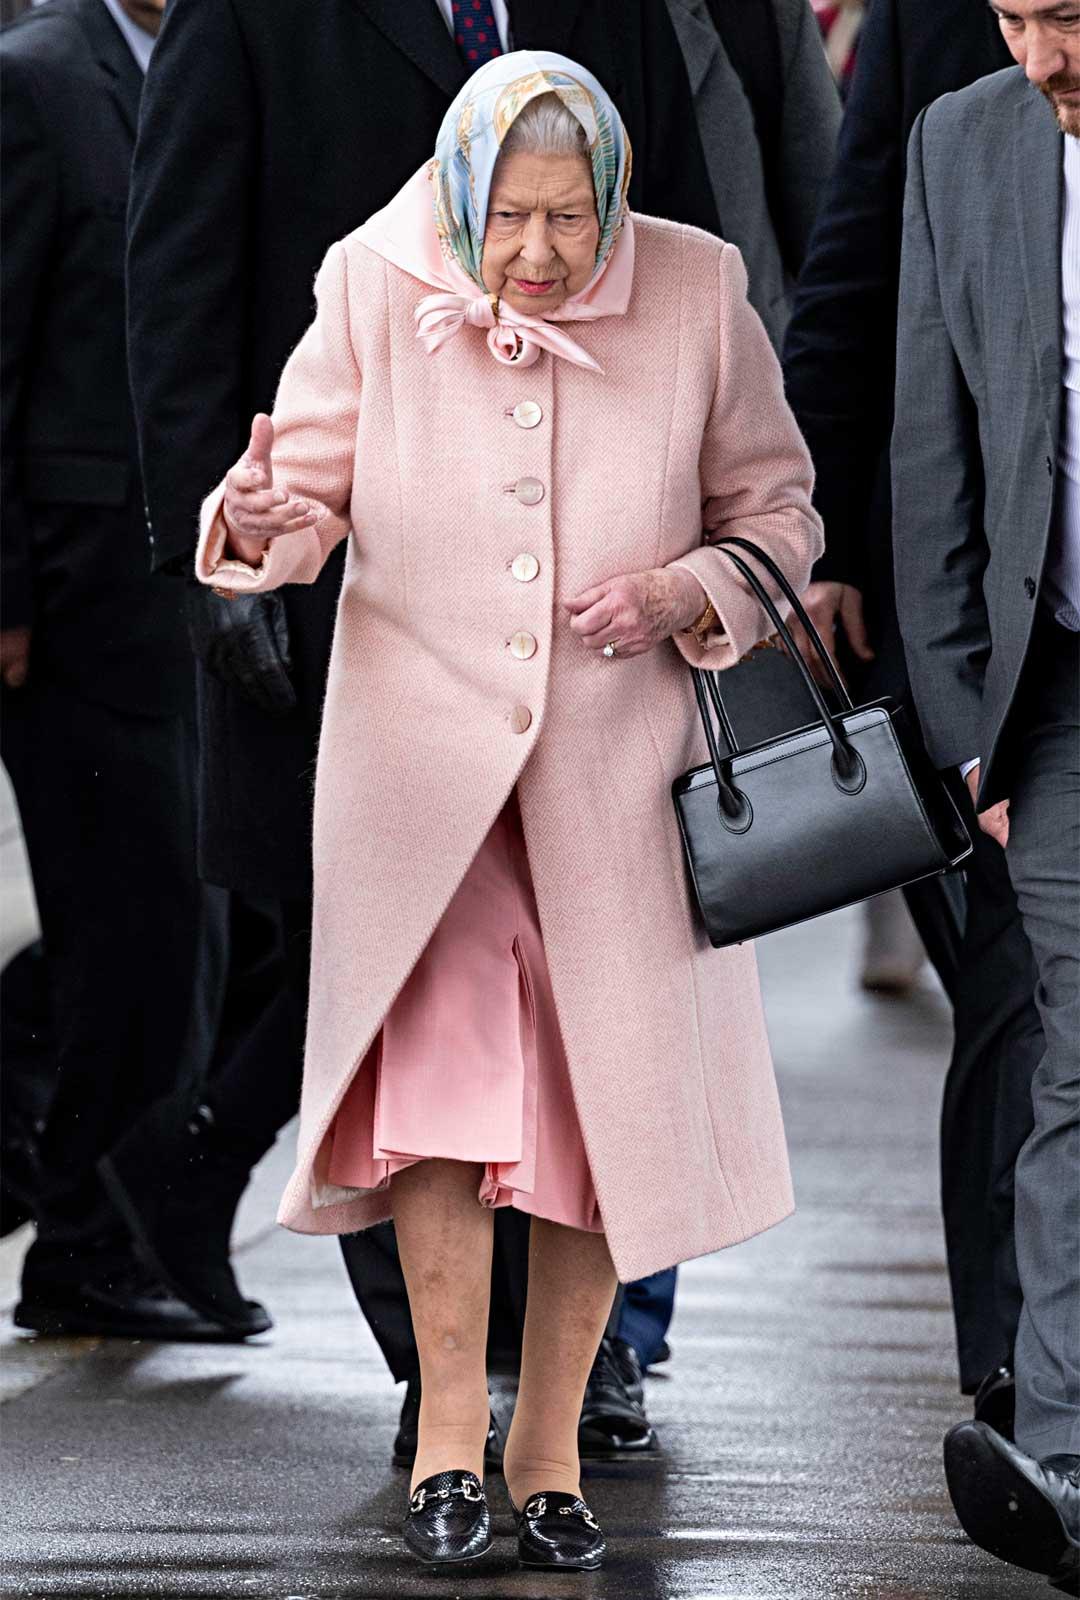 Vaikka Elisabet on ikäisekseen hyväkuntoinen, hän ei ole enää parhaissa voimissaan. Se näkyy myös hänen ryhdissään, joka on alkanut painua kumaraan.